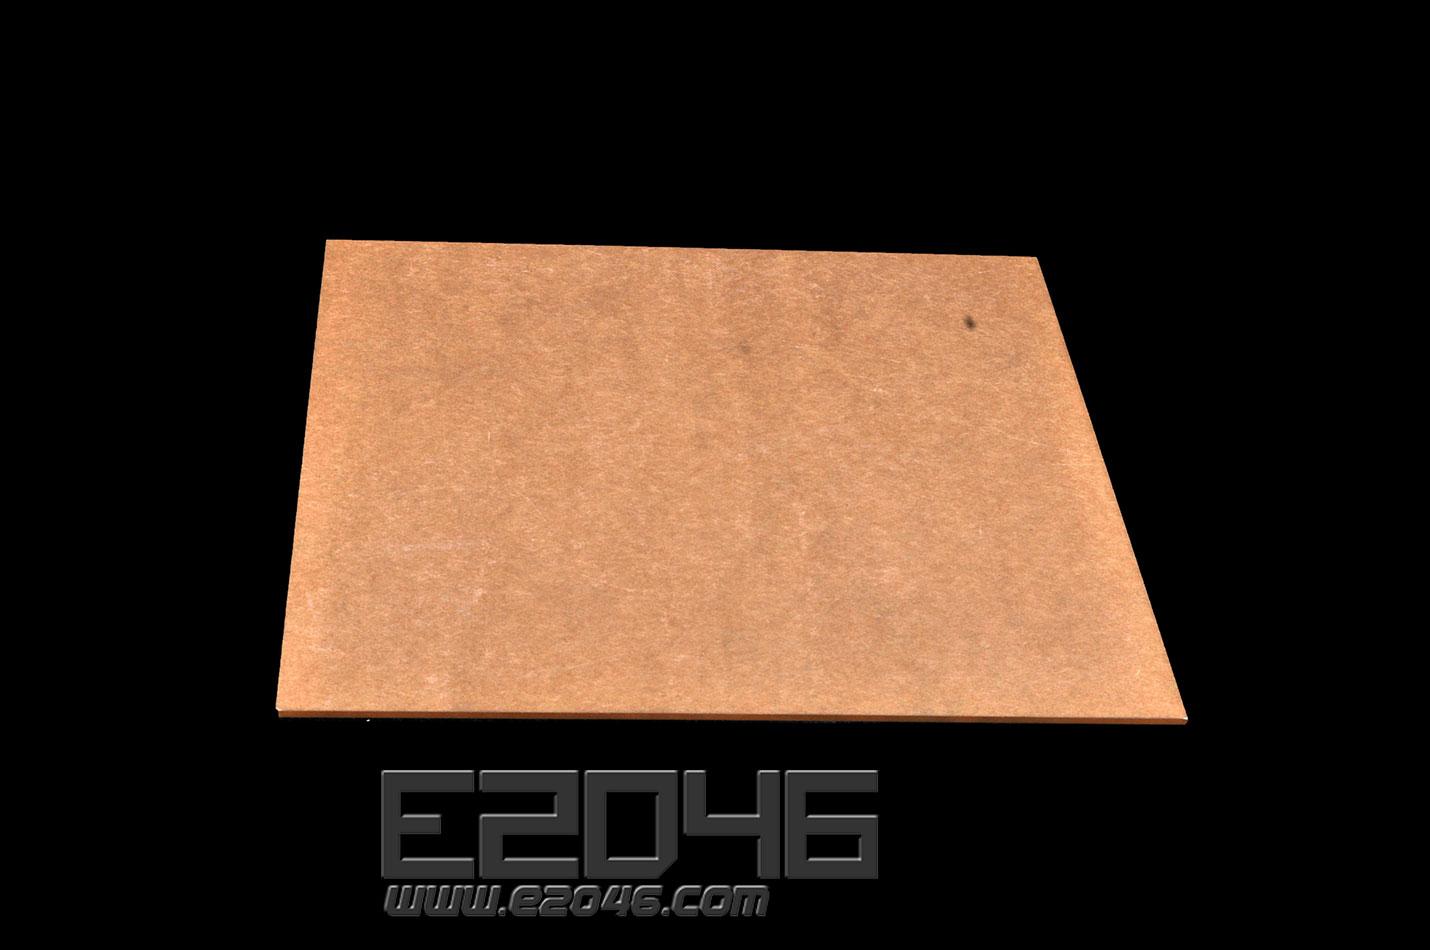 透明正方形压克力展示台 L24